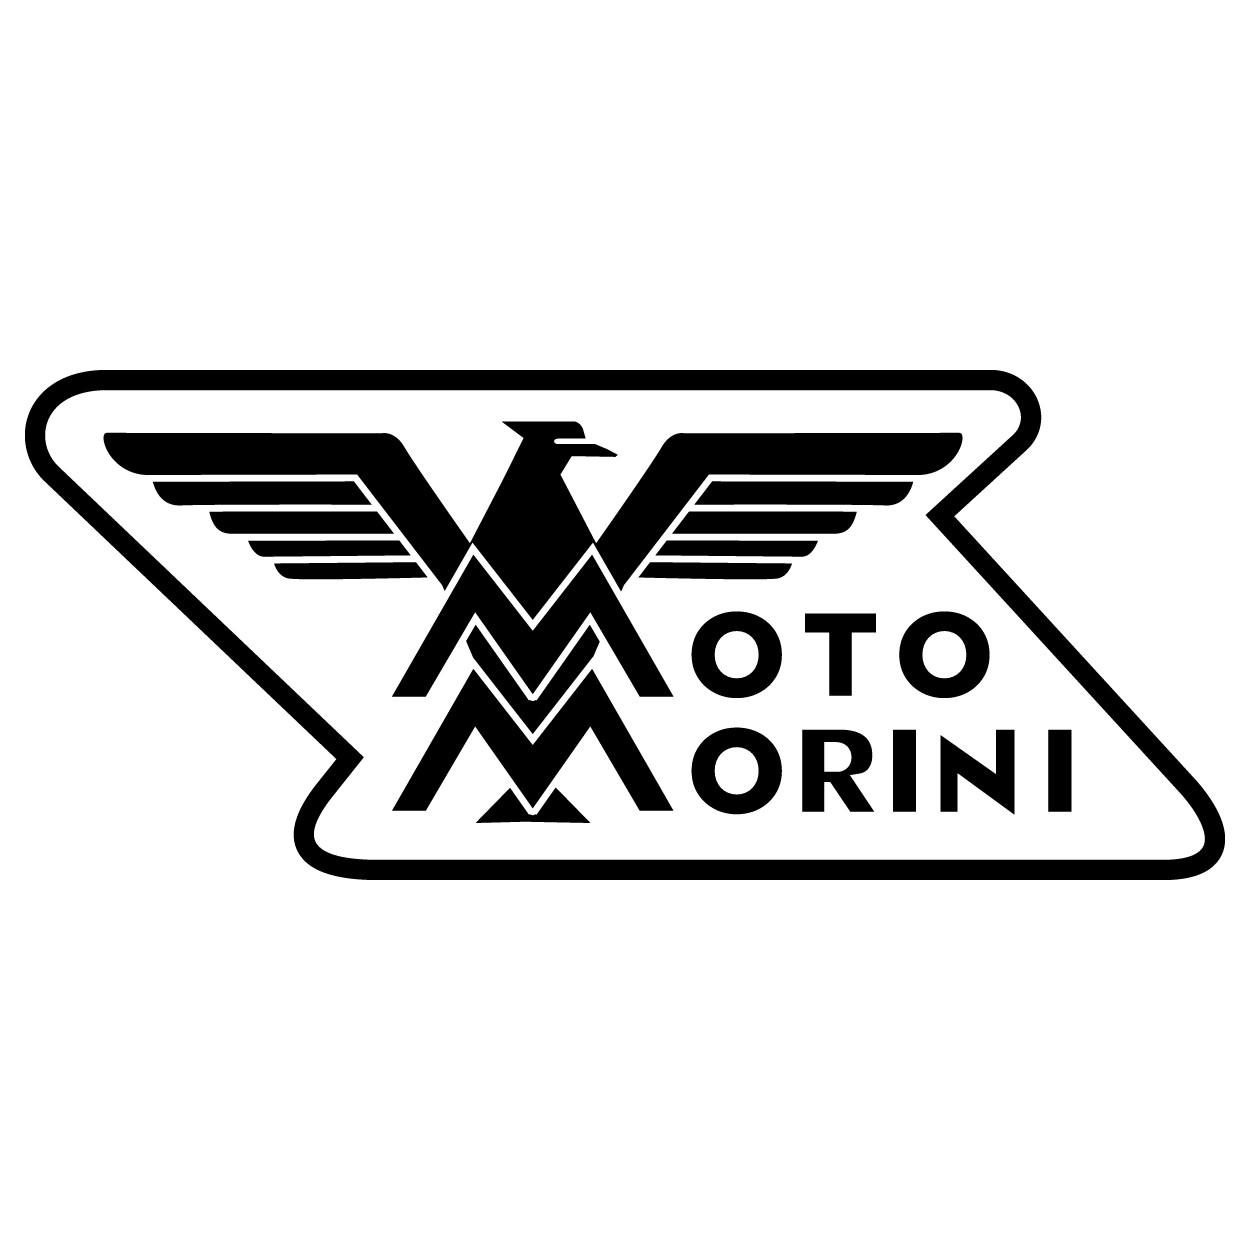 Stickers moto morini des prix 50 moins cher quen magasin